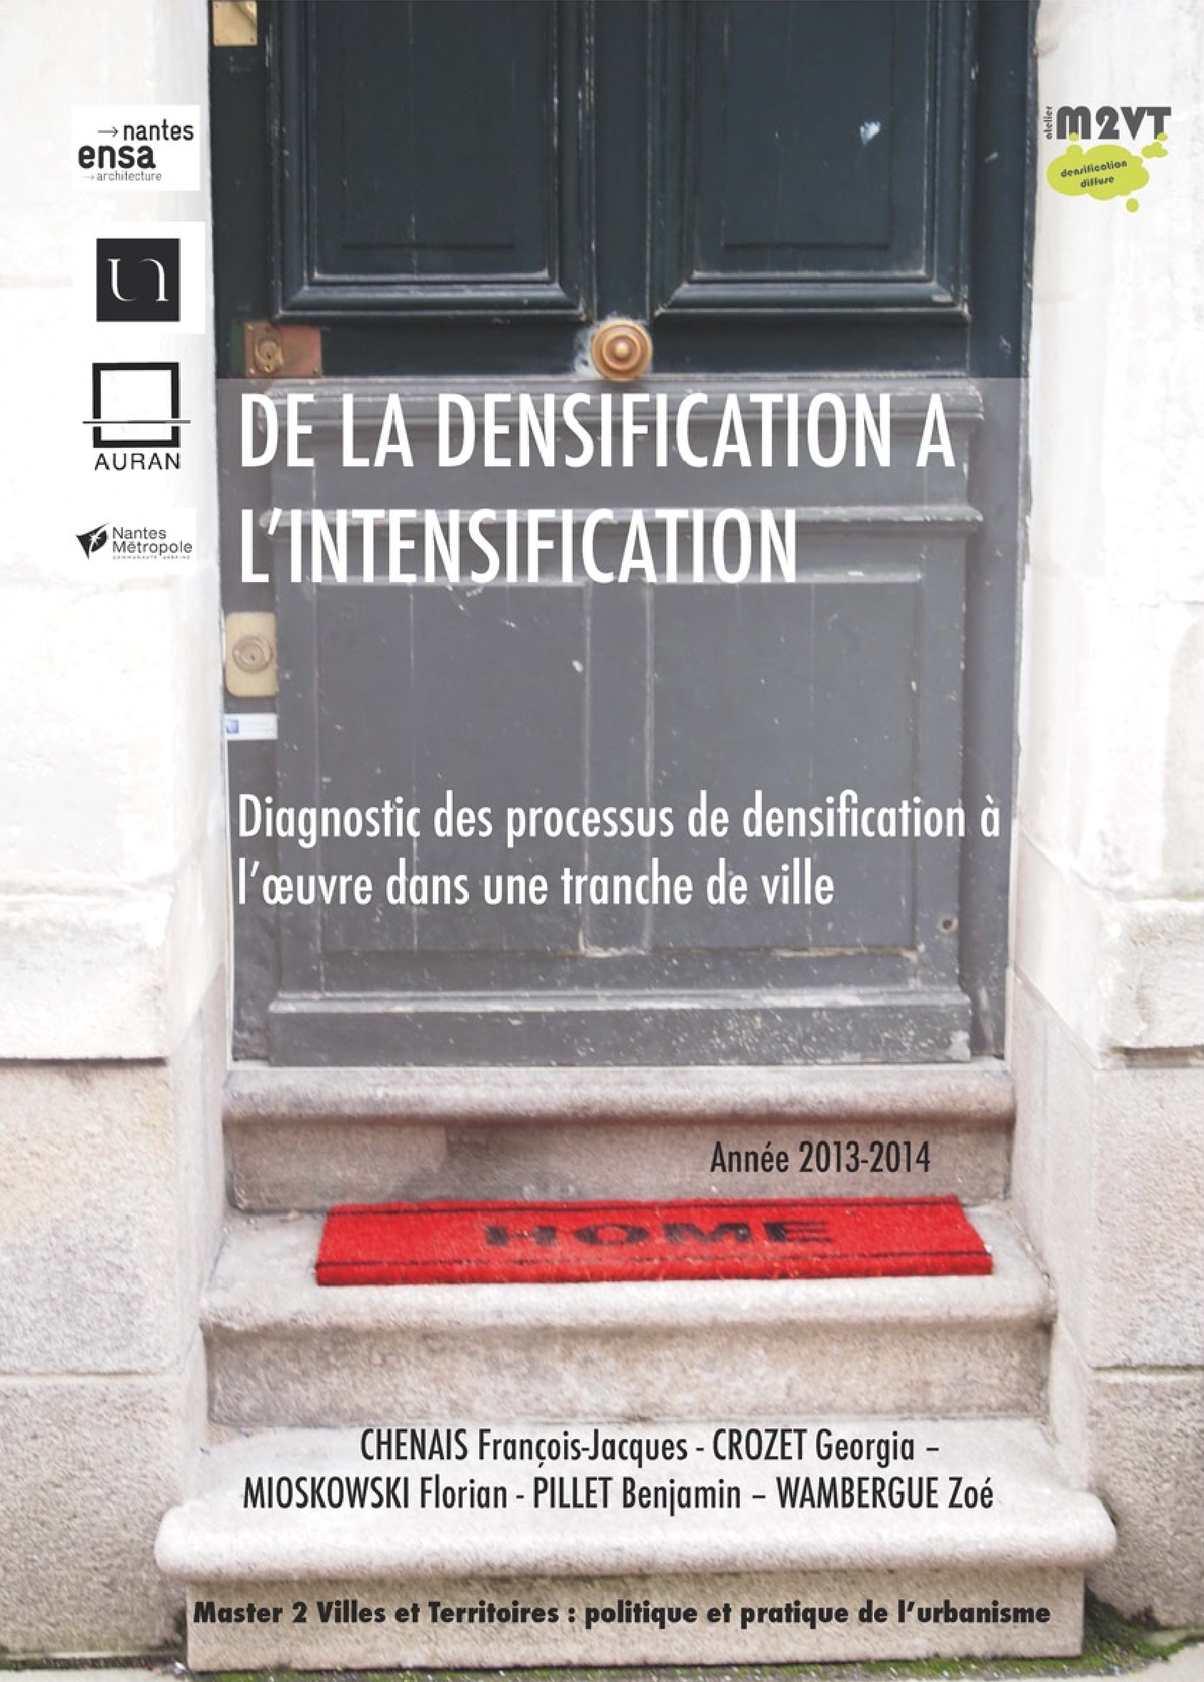 De la densification à l'intensification : Diagnostic des processus de densification à l'œuvre dans une tranche de ville